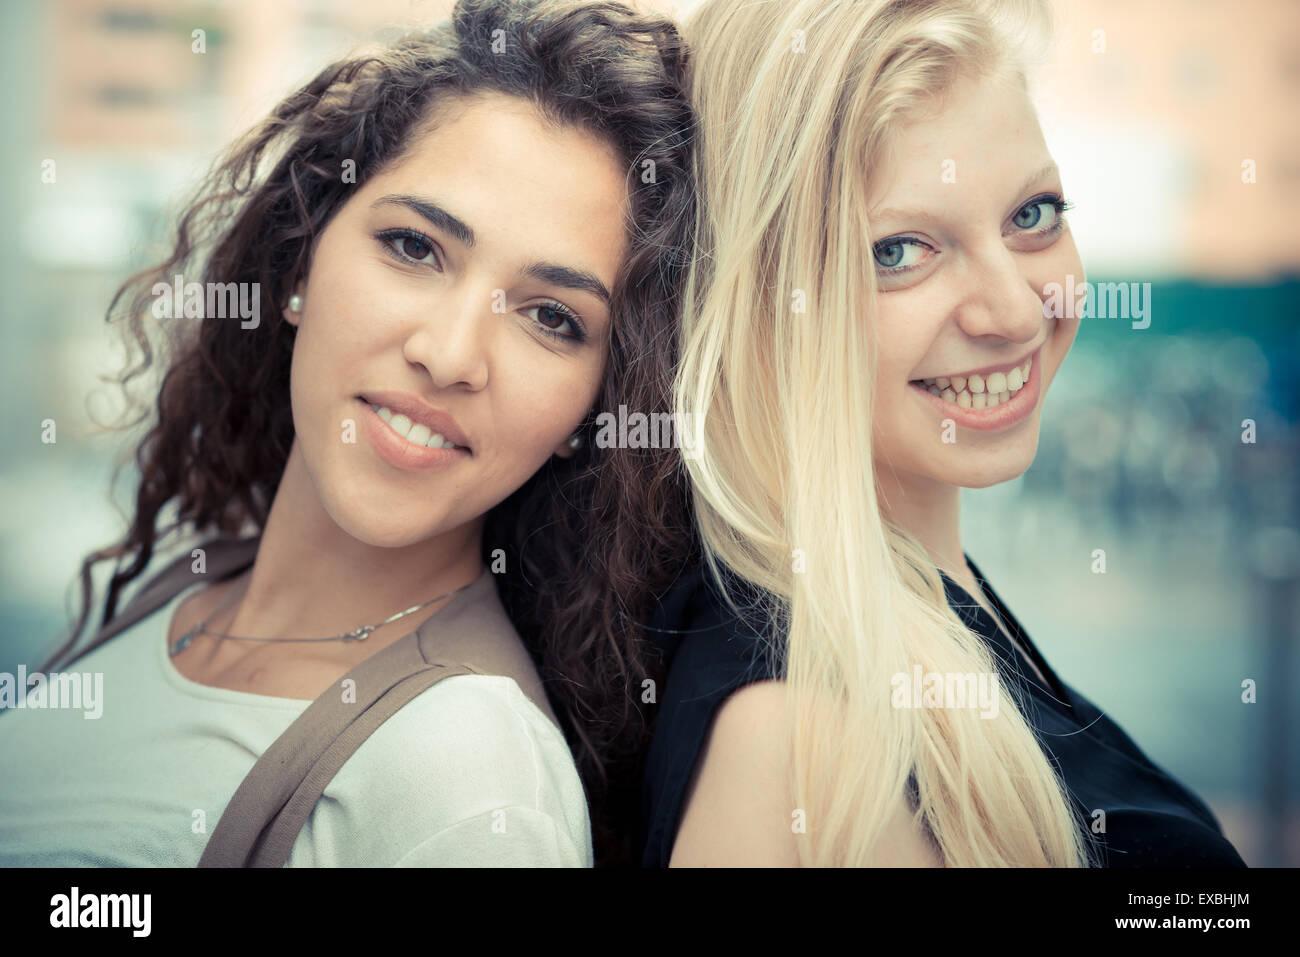 blonde und Brünette schöne stilvolle junge Frauen in der Stadt Stockbild